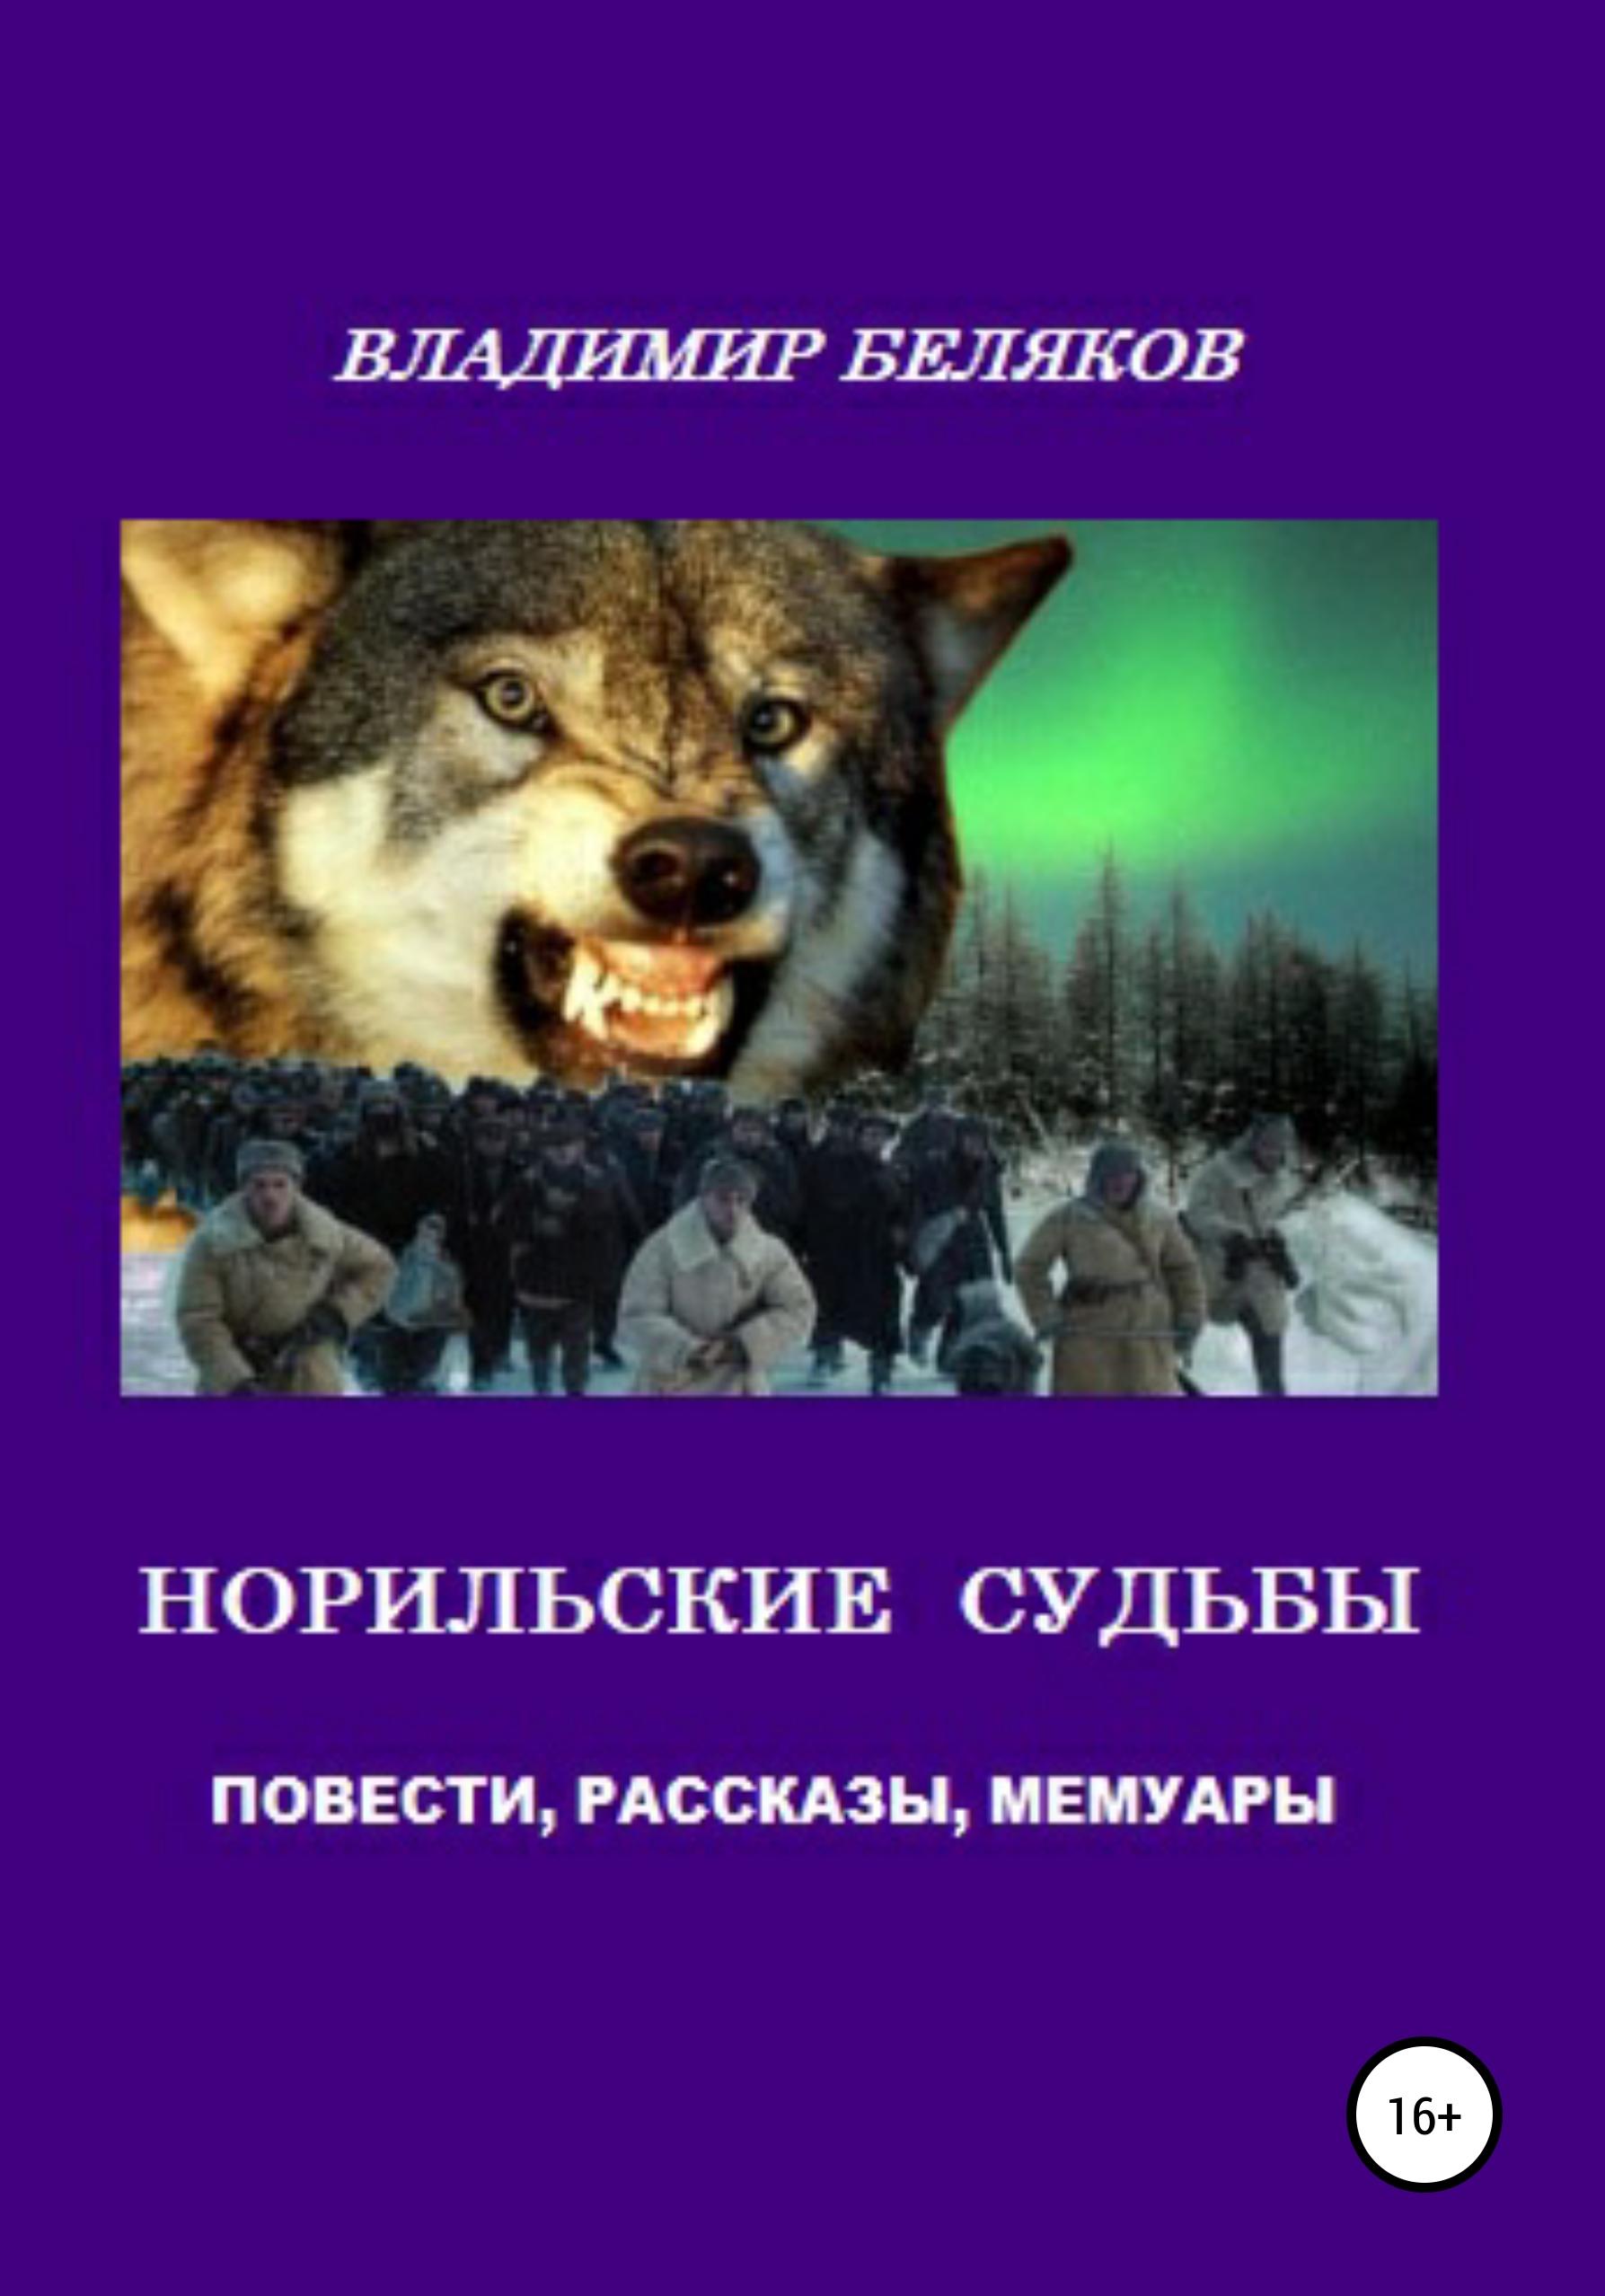 Владимир Беляков - Норильские судьбы